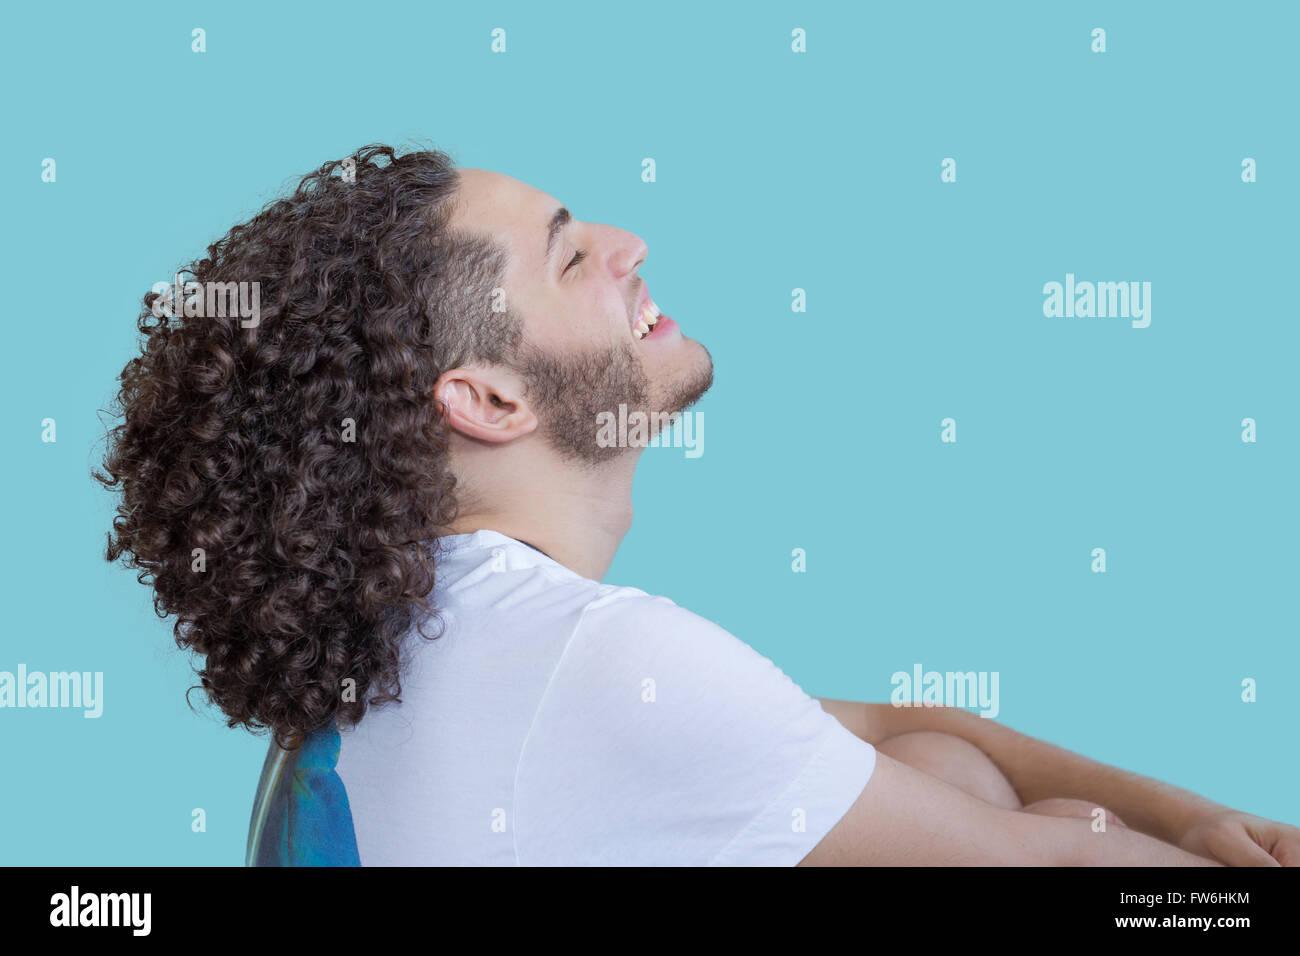 Niño sonriendo, sonrisa, azul, Guy, hombre sonriendo, la felicidad, la alegría, el placer, el amor, la Imagen De Stock